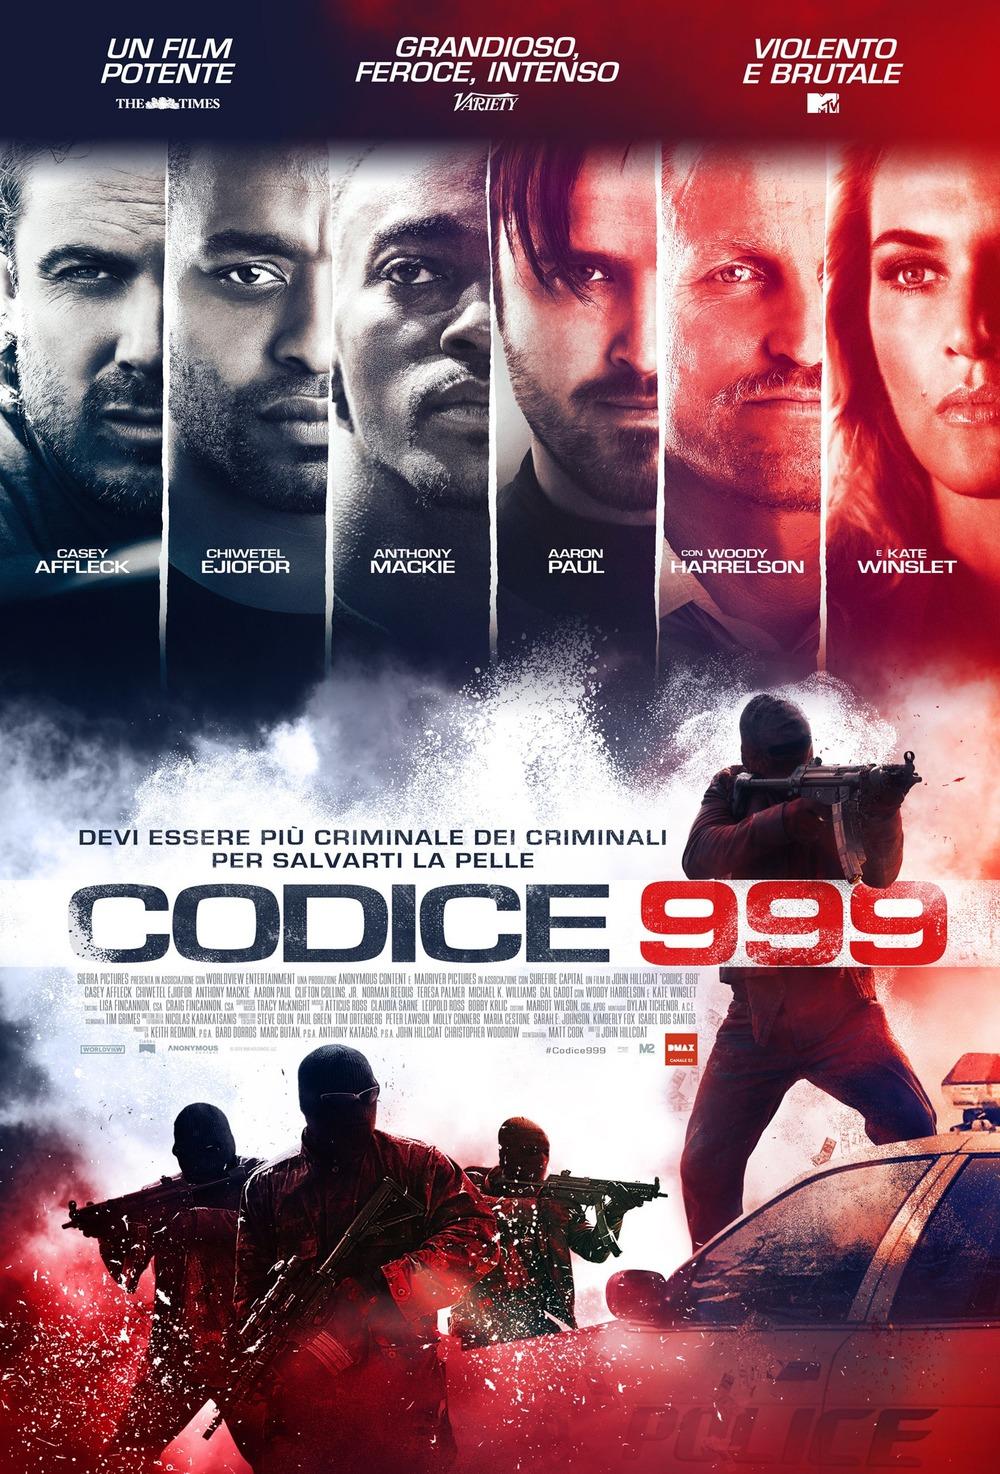 Code 999 Film